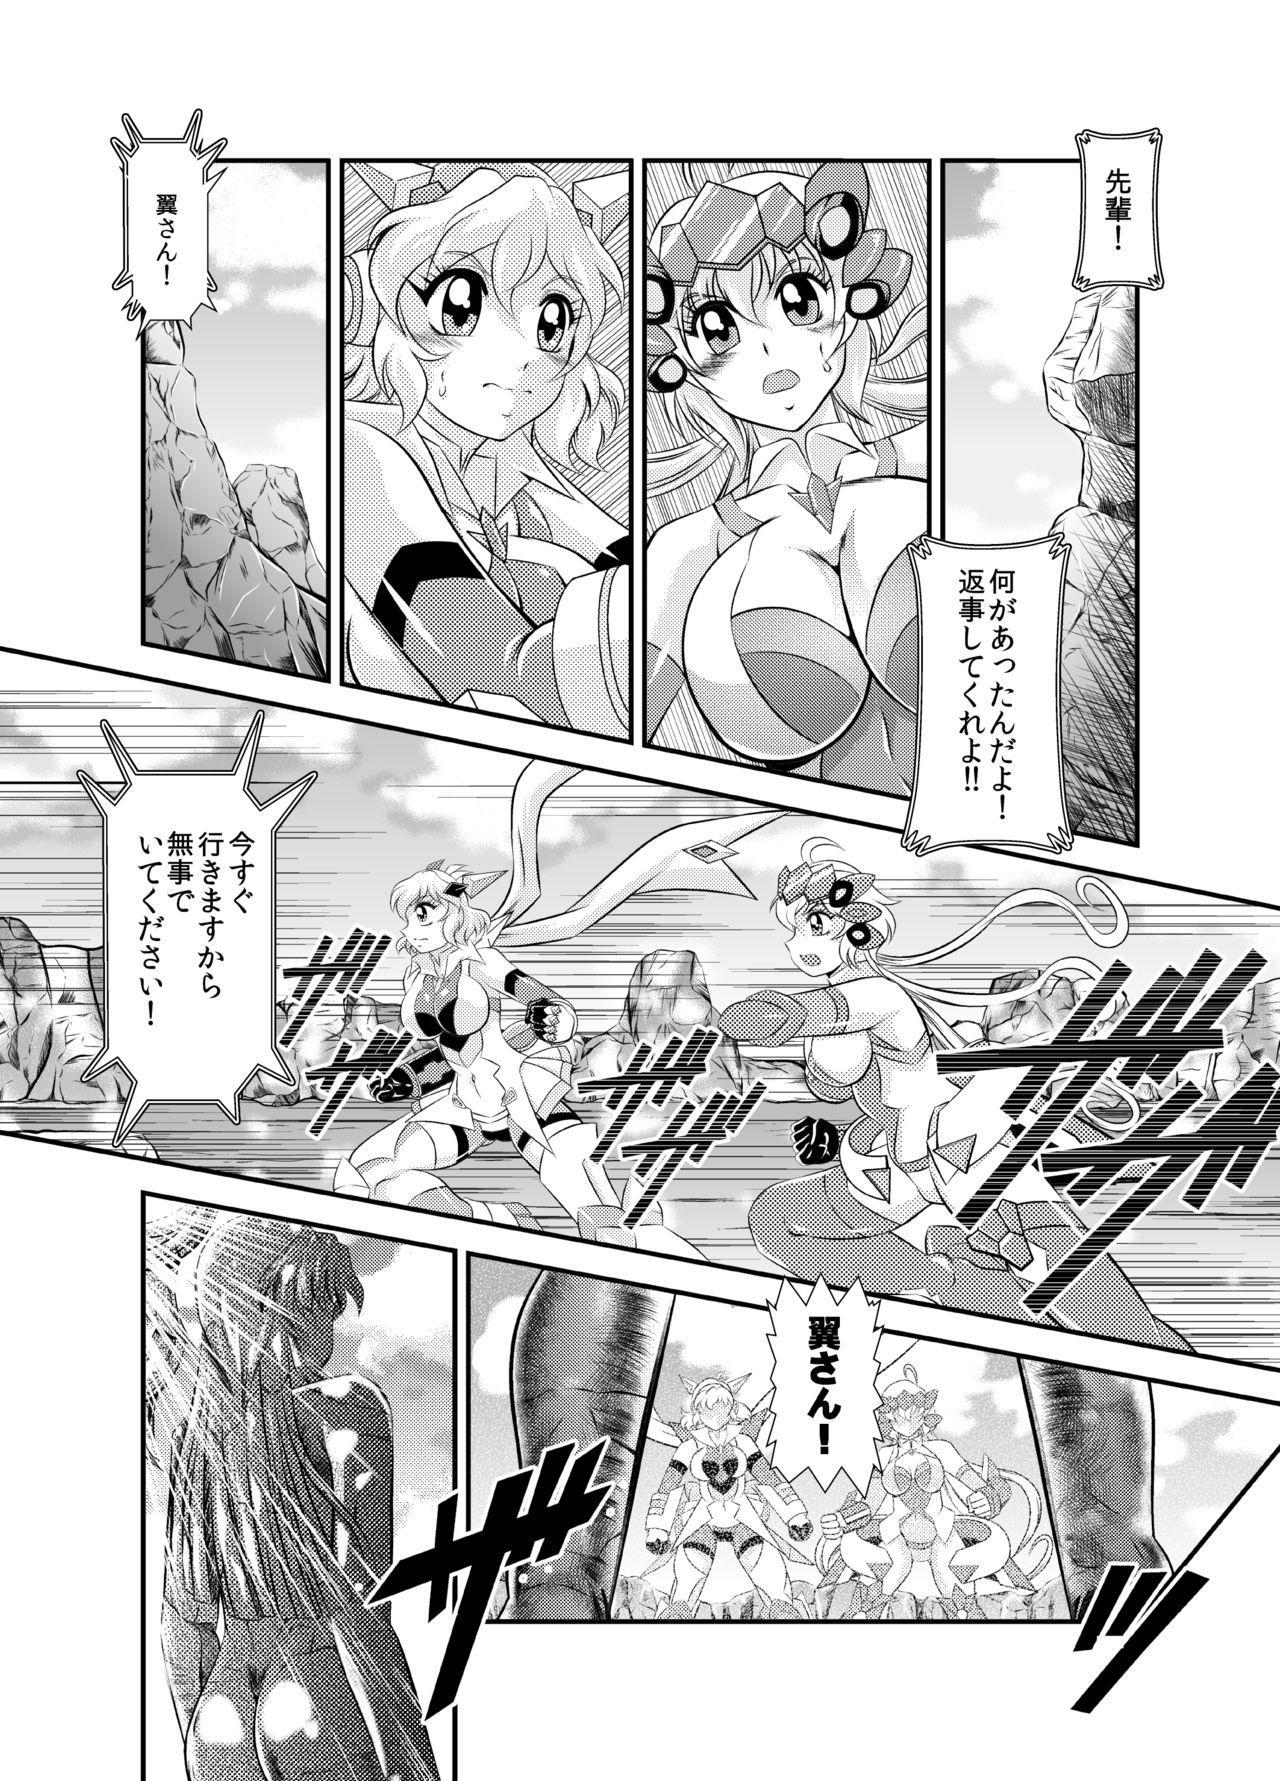 Senki Zenmetsu EP 2: Tachibana Hibiki & Yukine Chris 2